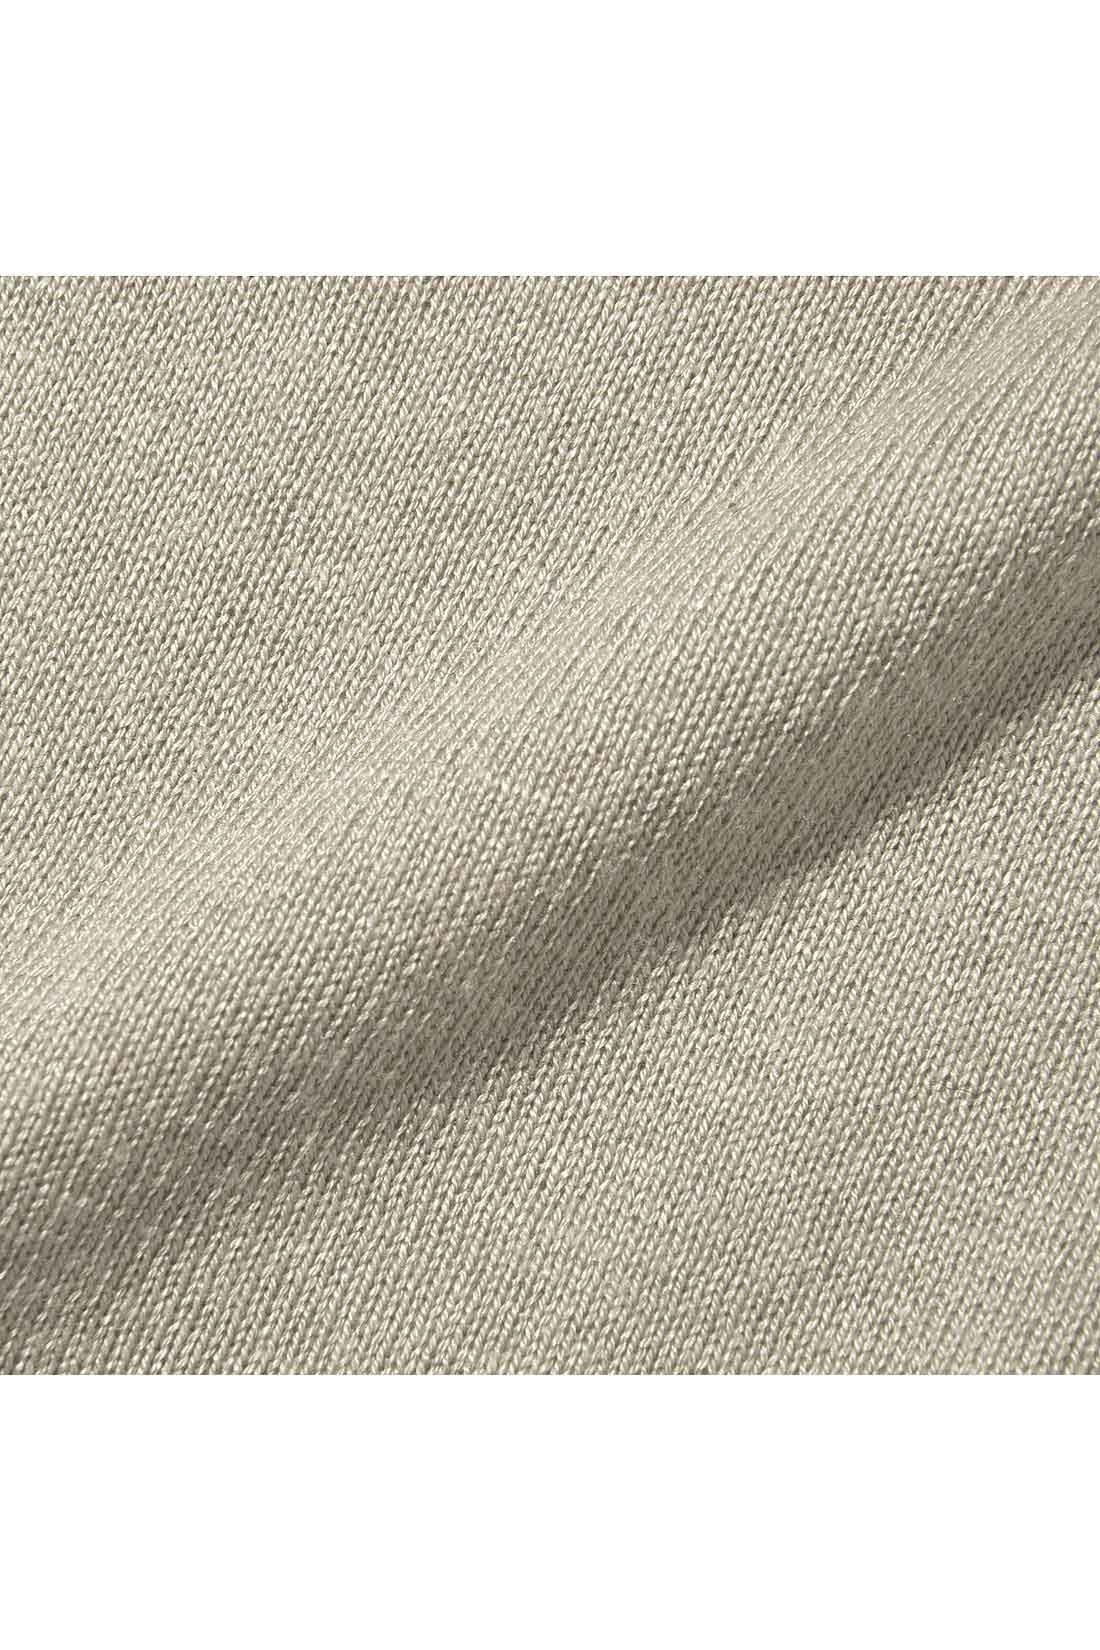 シャツもニットもさらりとしたきれいめ素材で、ロングシーズン快適。